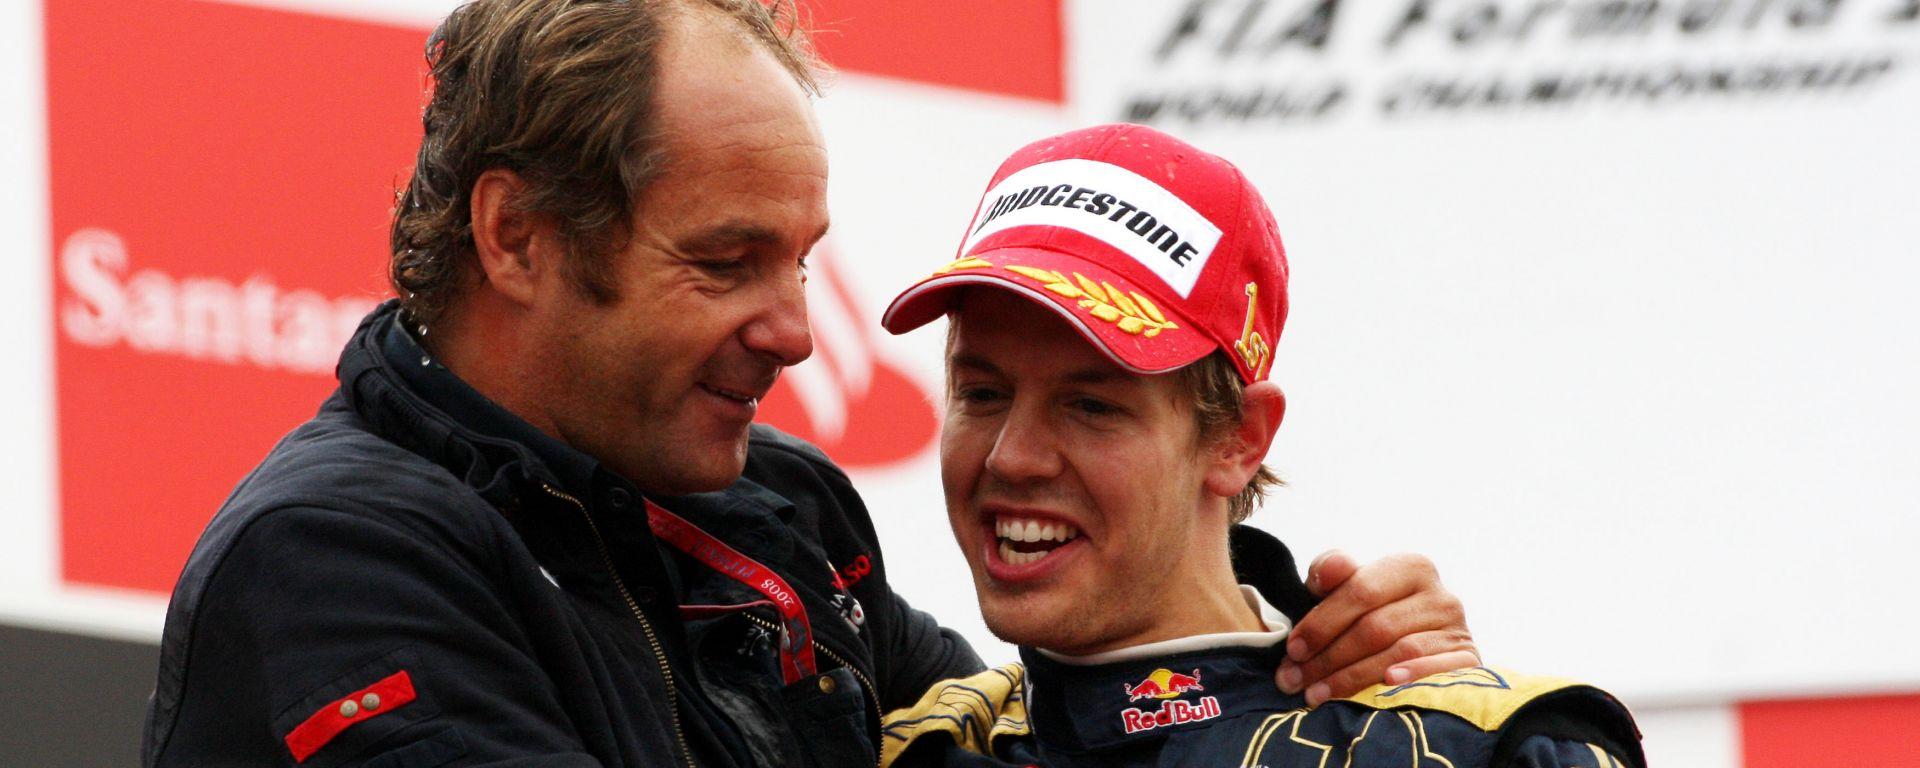 F1, GP Italia 2008: Gerhard Berger e il vincitore Sebastian Vettel (Toro Rosso)